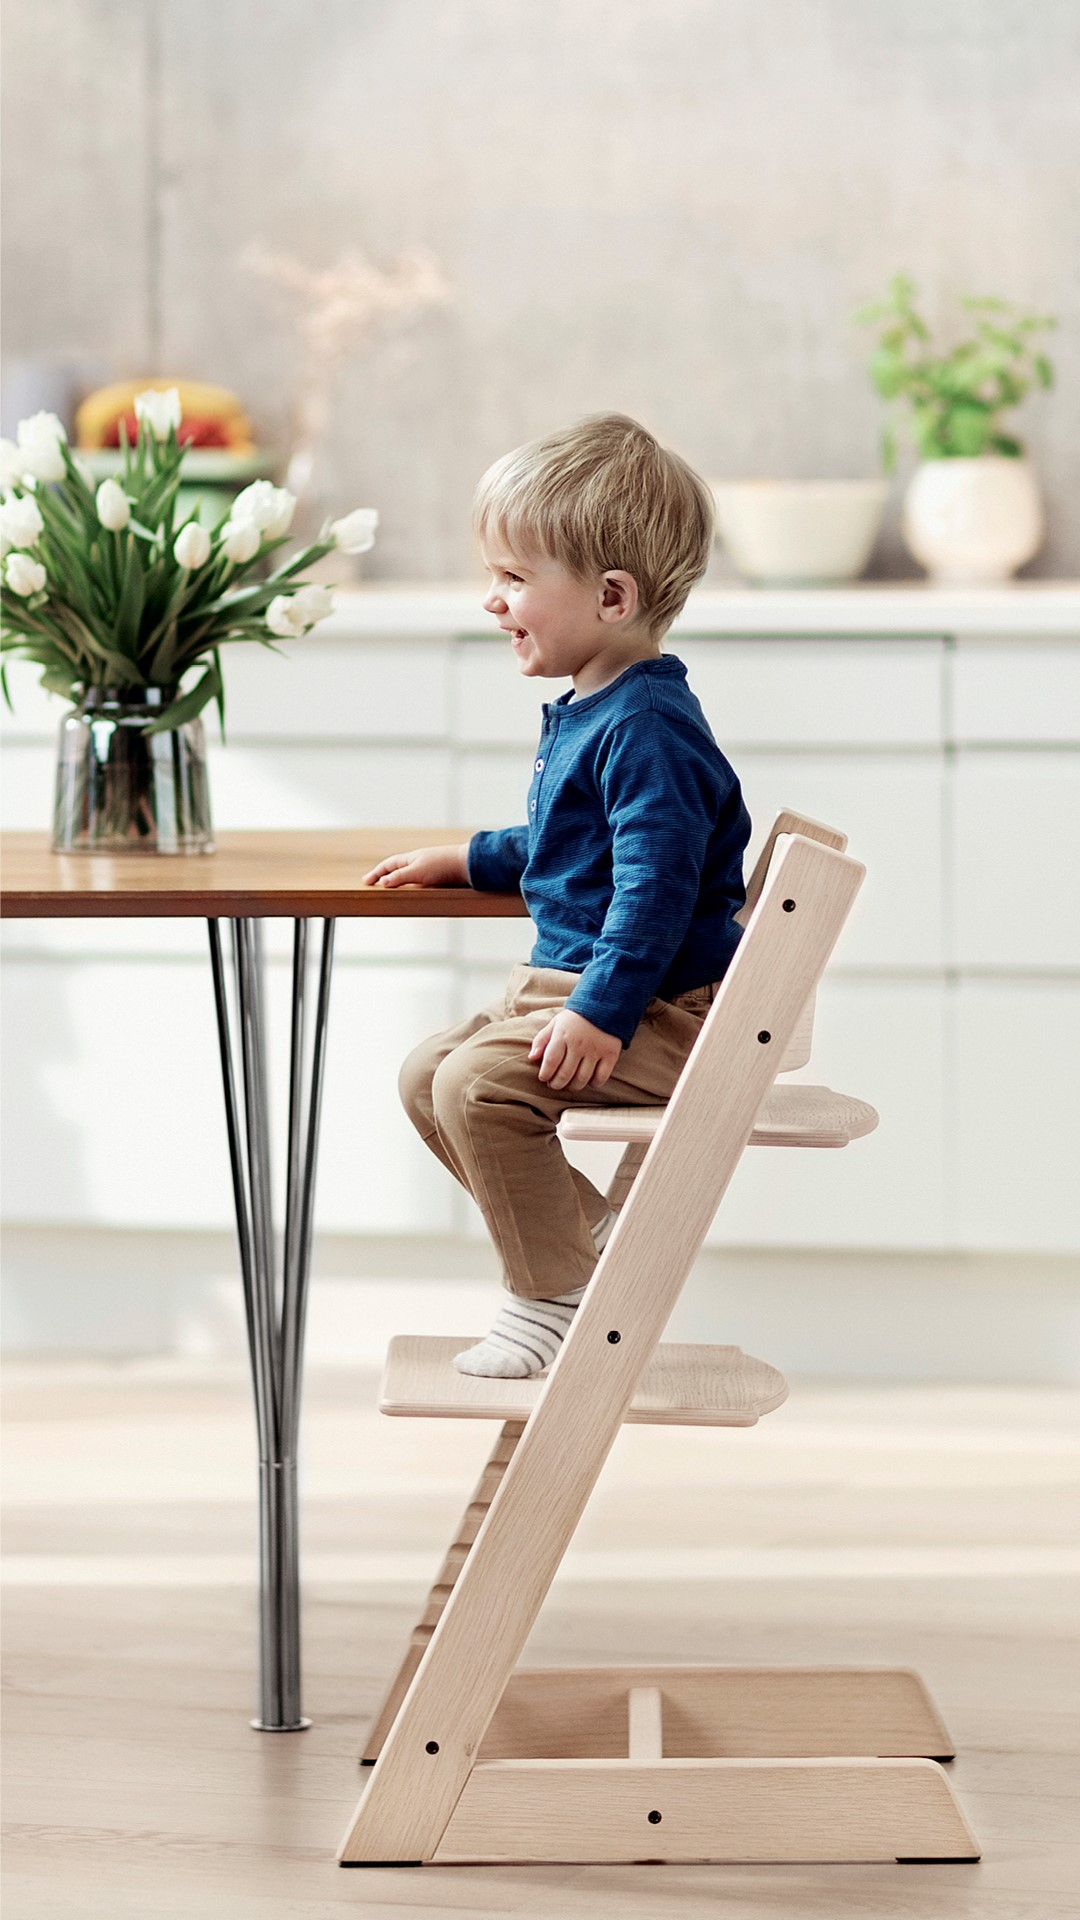 Najljepše uspomene stvaraju se od malena i to za obiteljskim stolom - Stokke Tripp Trapp